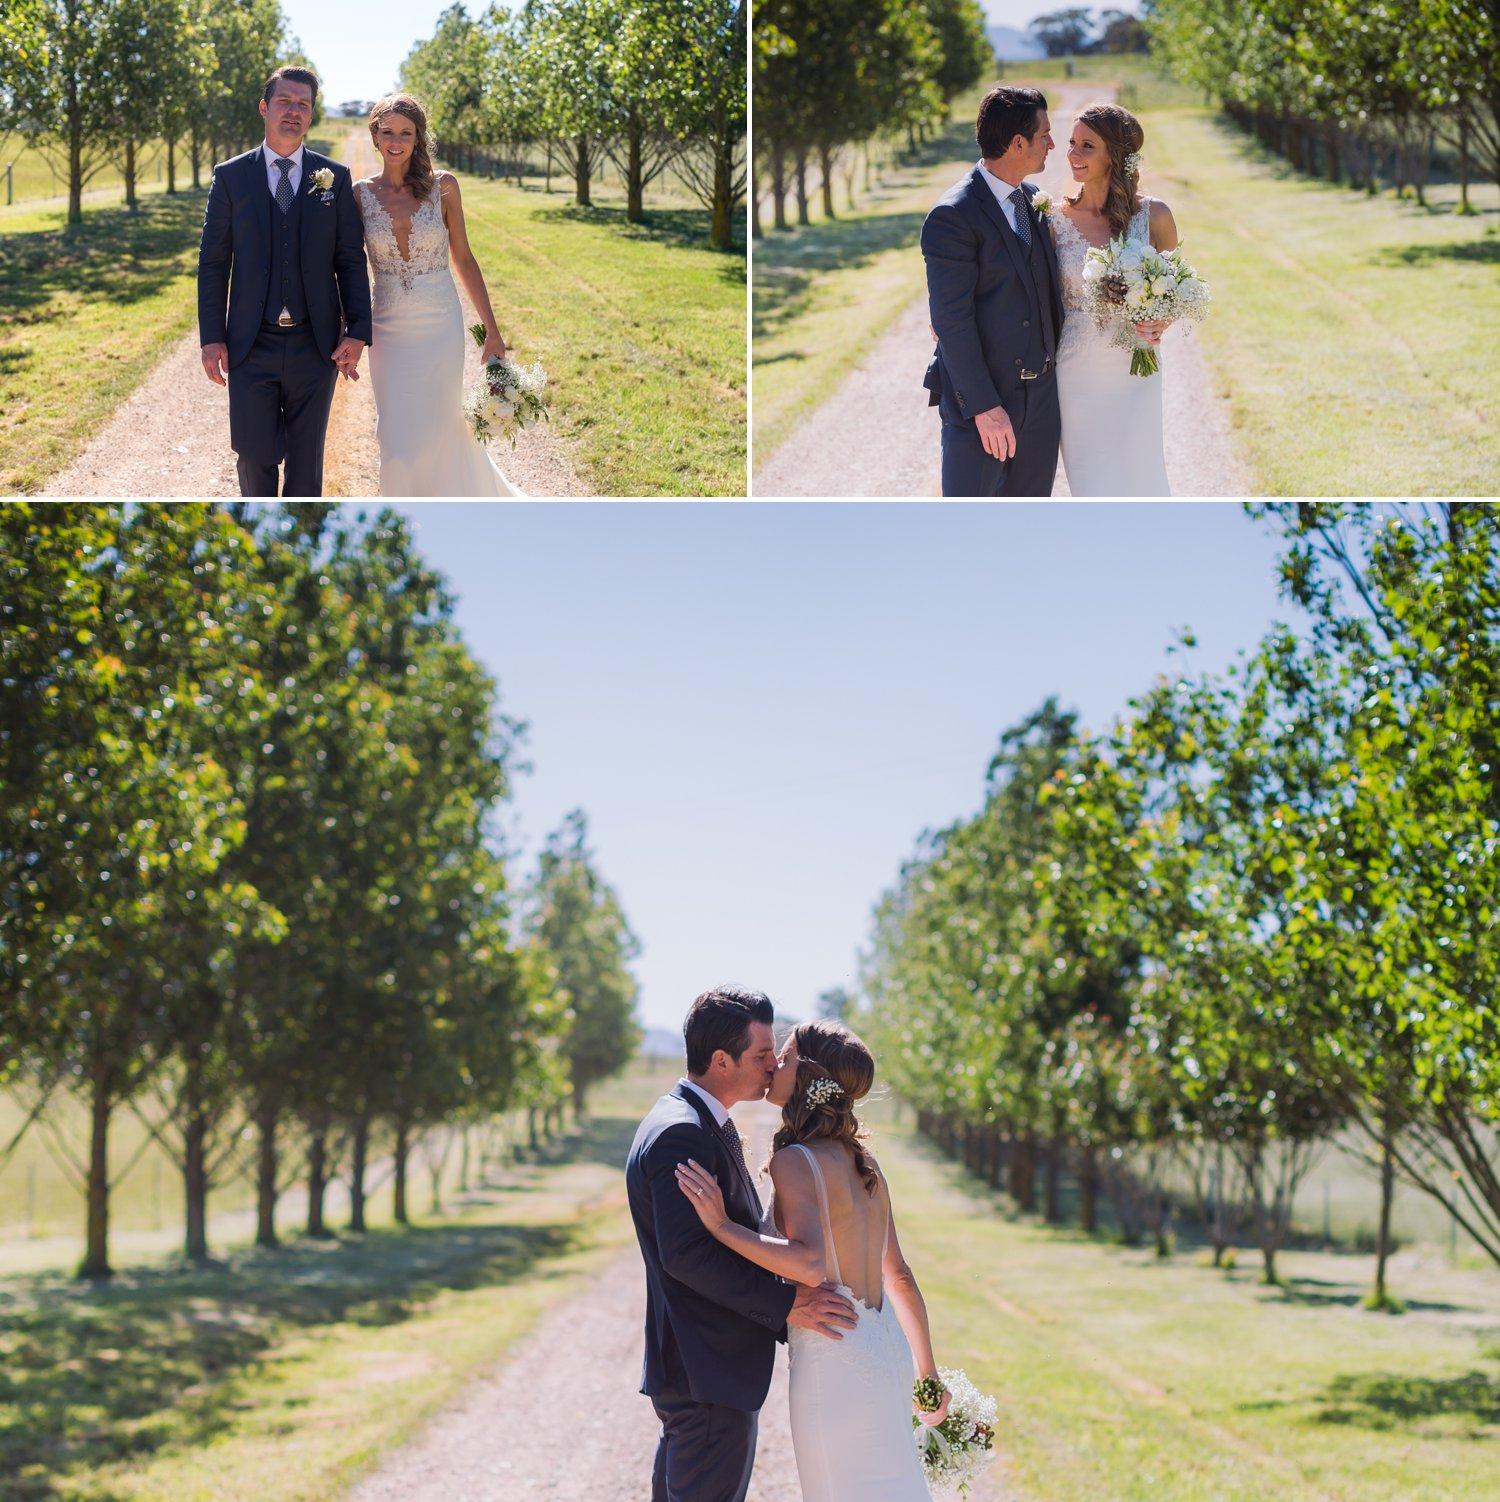 Tim & Carolyn_Millthorpe wedding photography_feather and birch_ 19.jpg